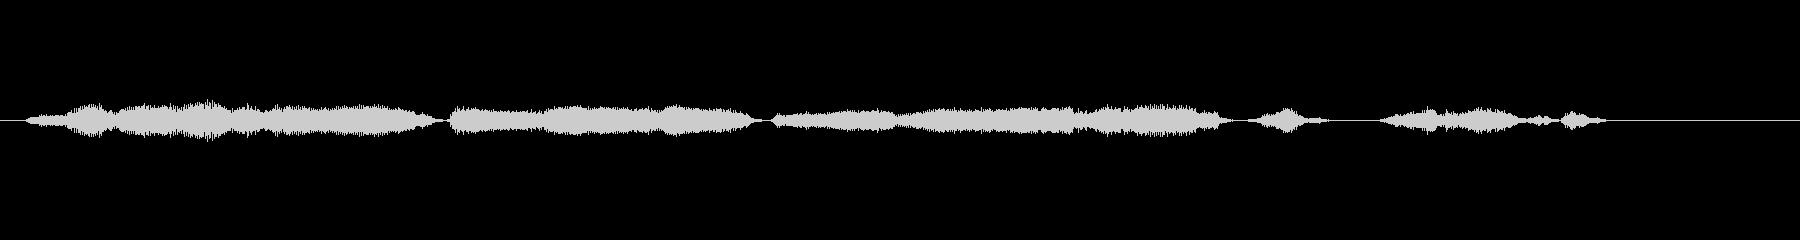 空気圧ハンマーハンマーの未再生の波形